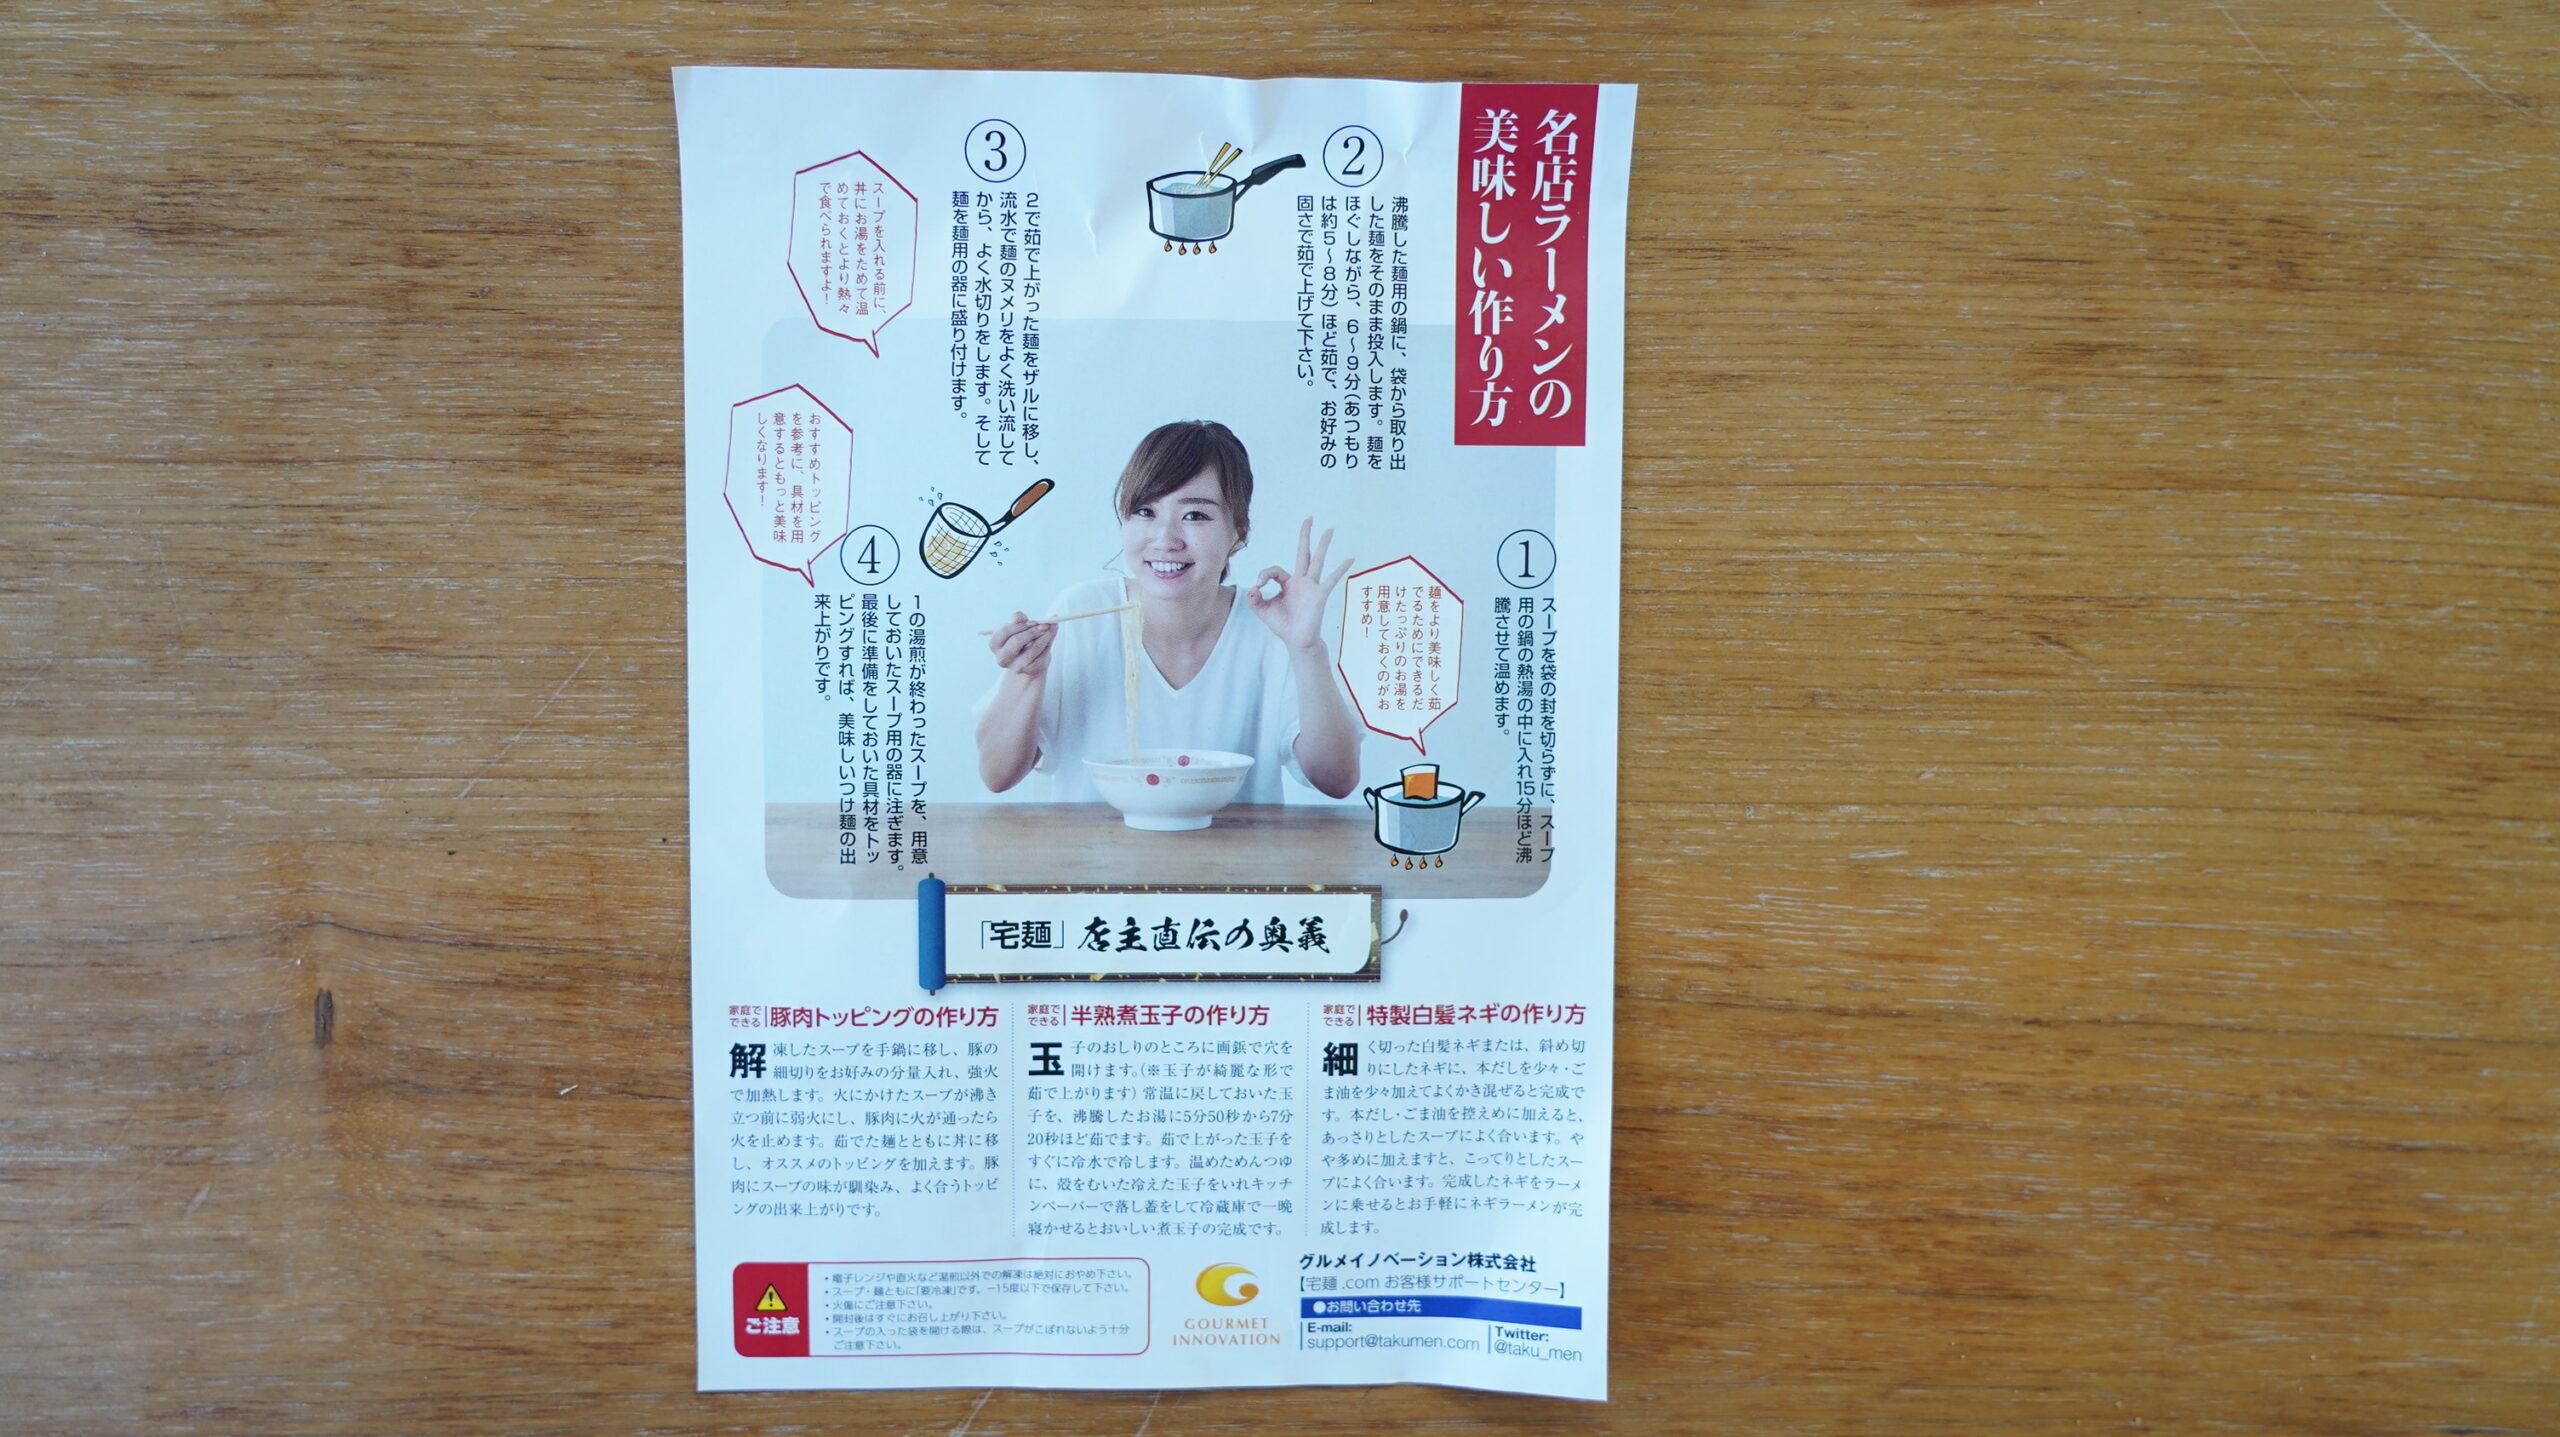 「風雲児」の「つけめん」をオンライン通販でお取り寄せした冷凍ラーメンの作り方の説明書の写真